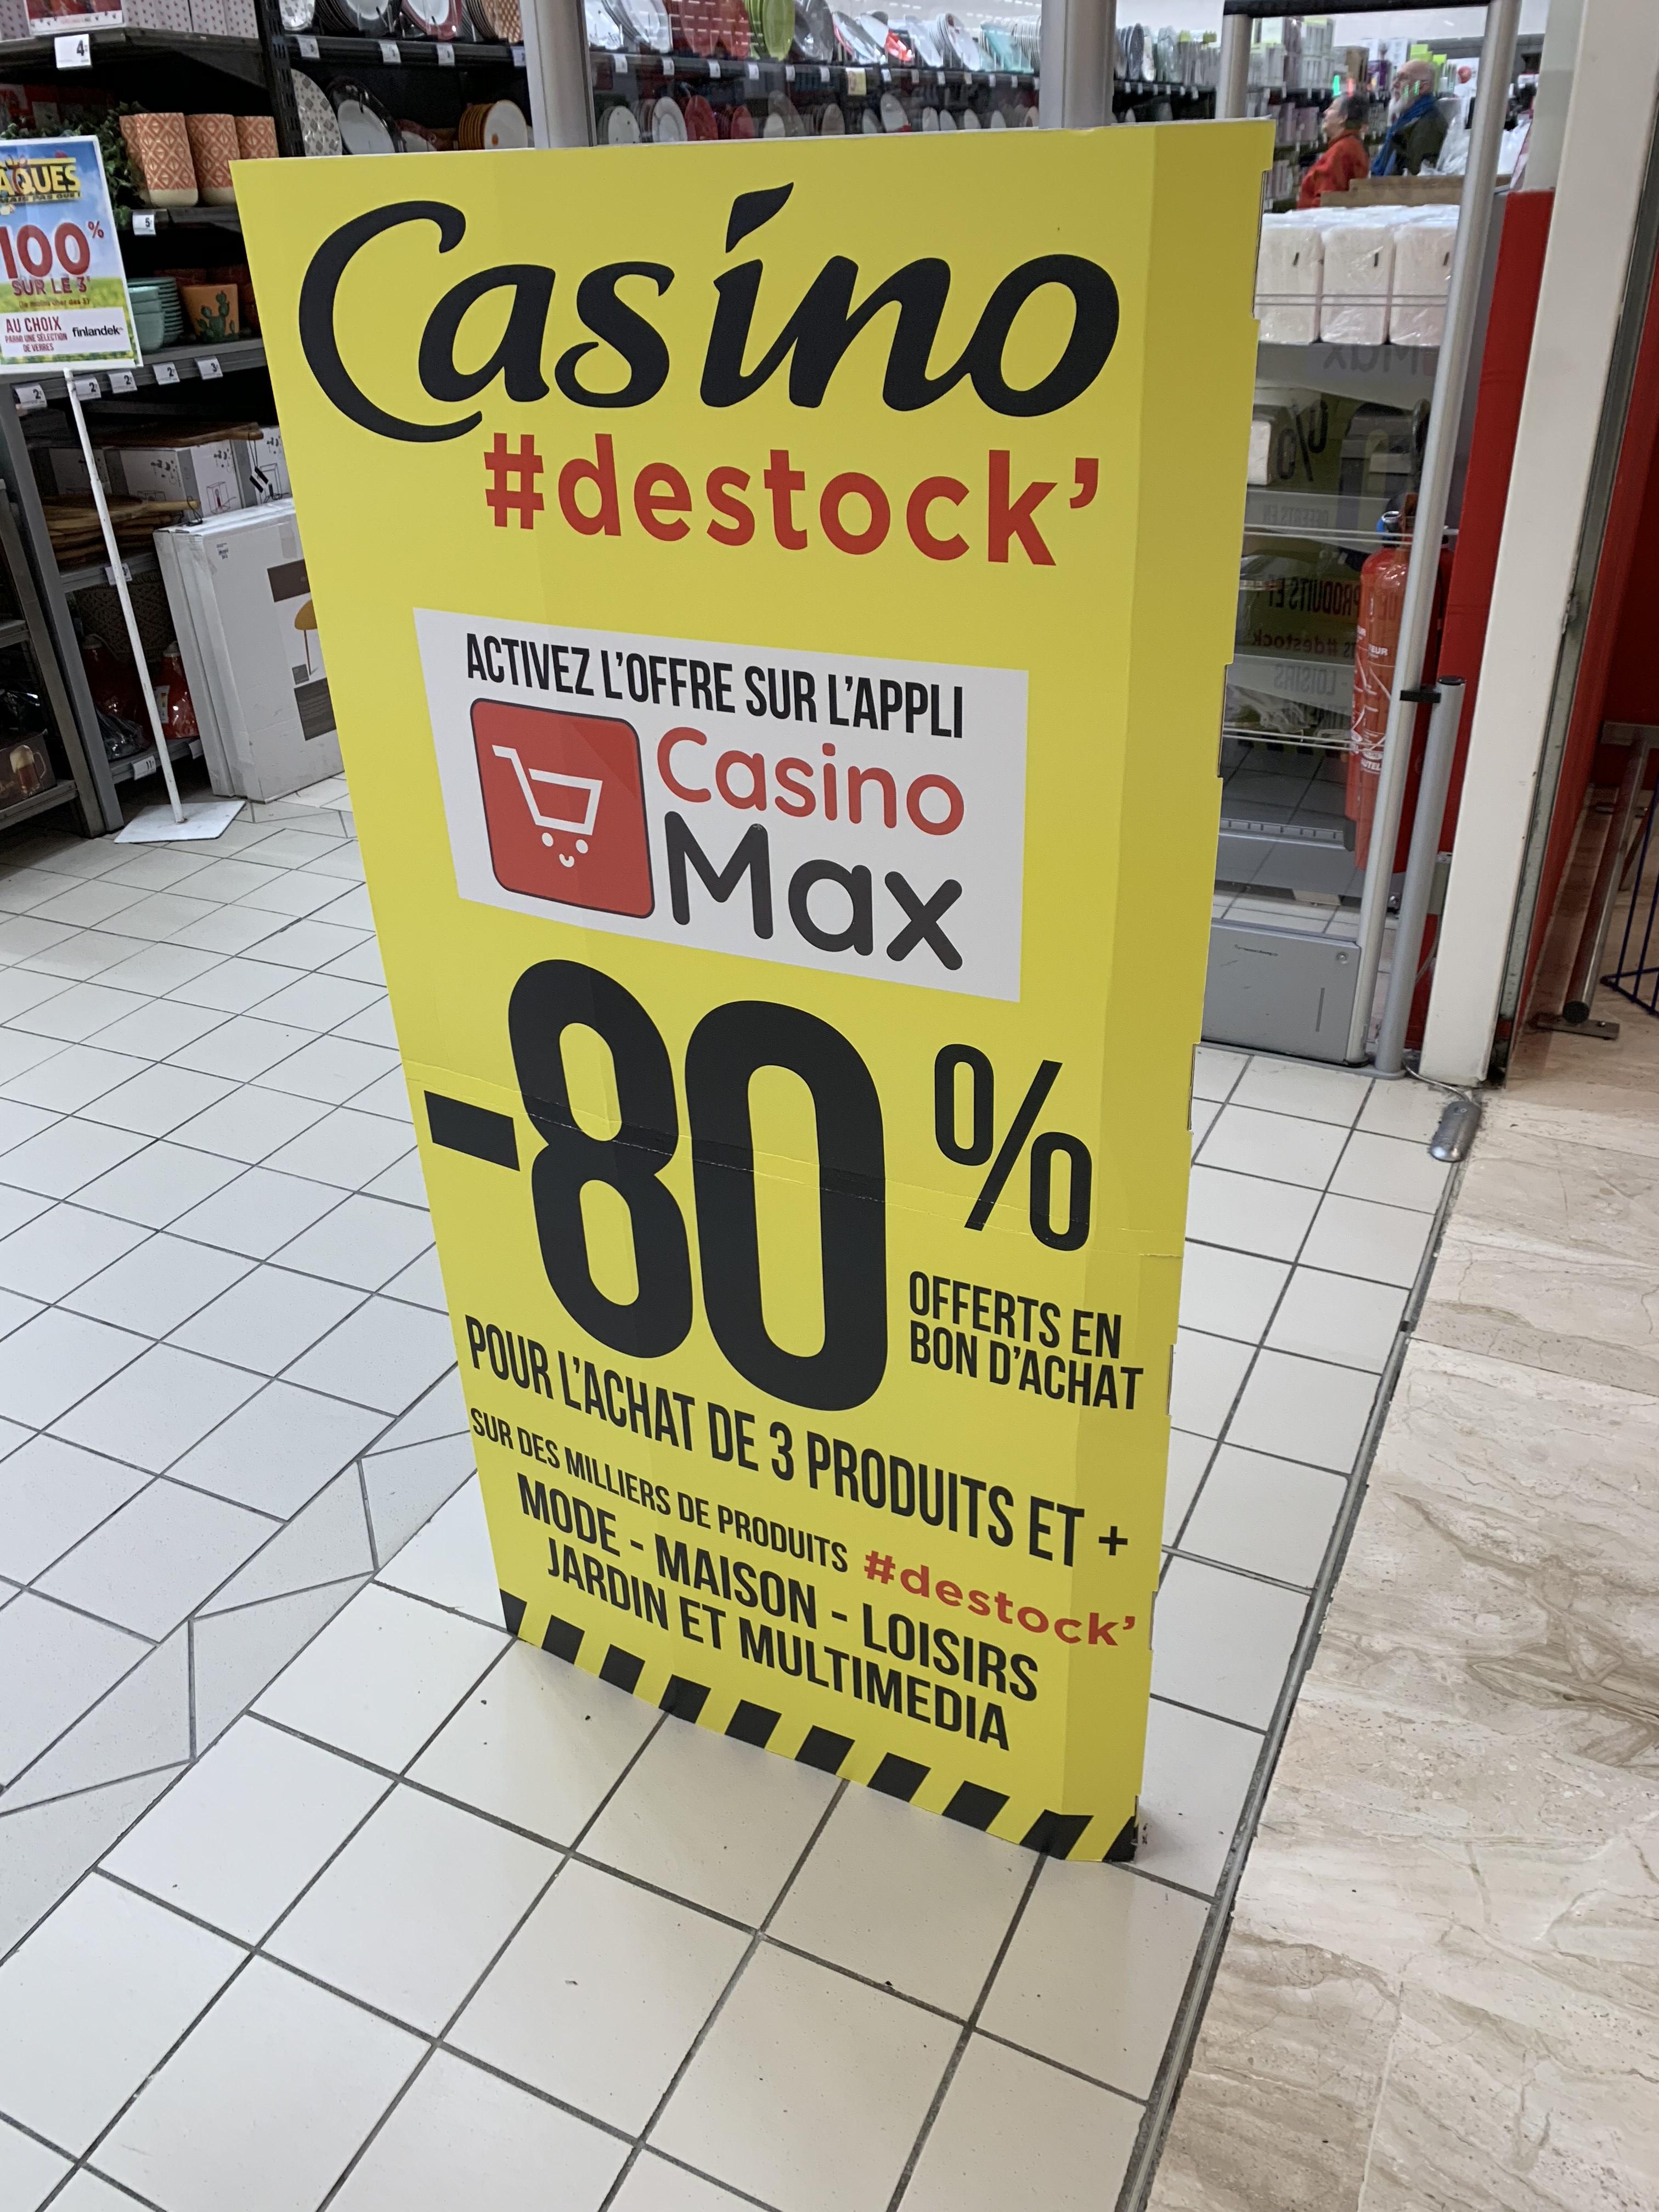 80% remboursés en bon d'achat dès 3 articles achetés parmi une sélection de produits (via Casino Max) - Saint-Grégoire (35)